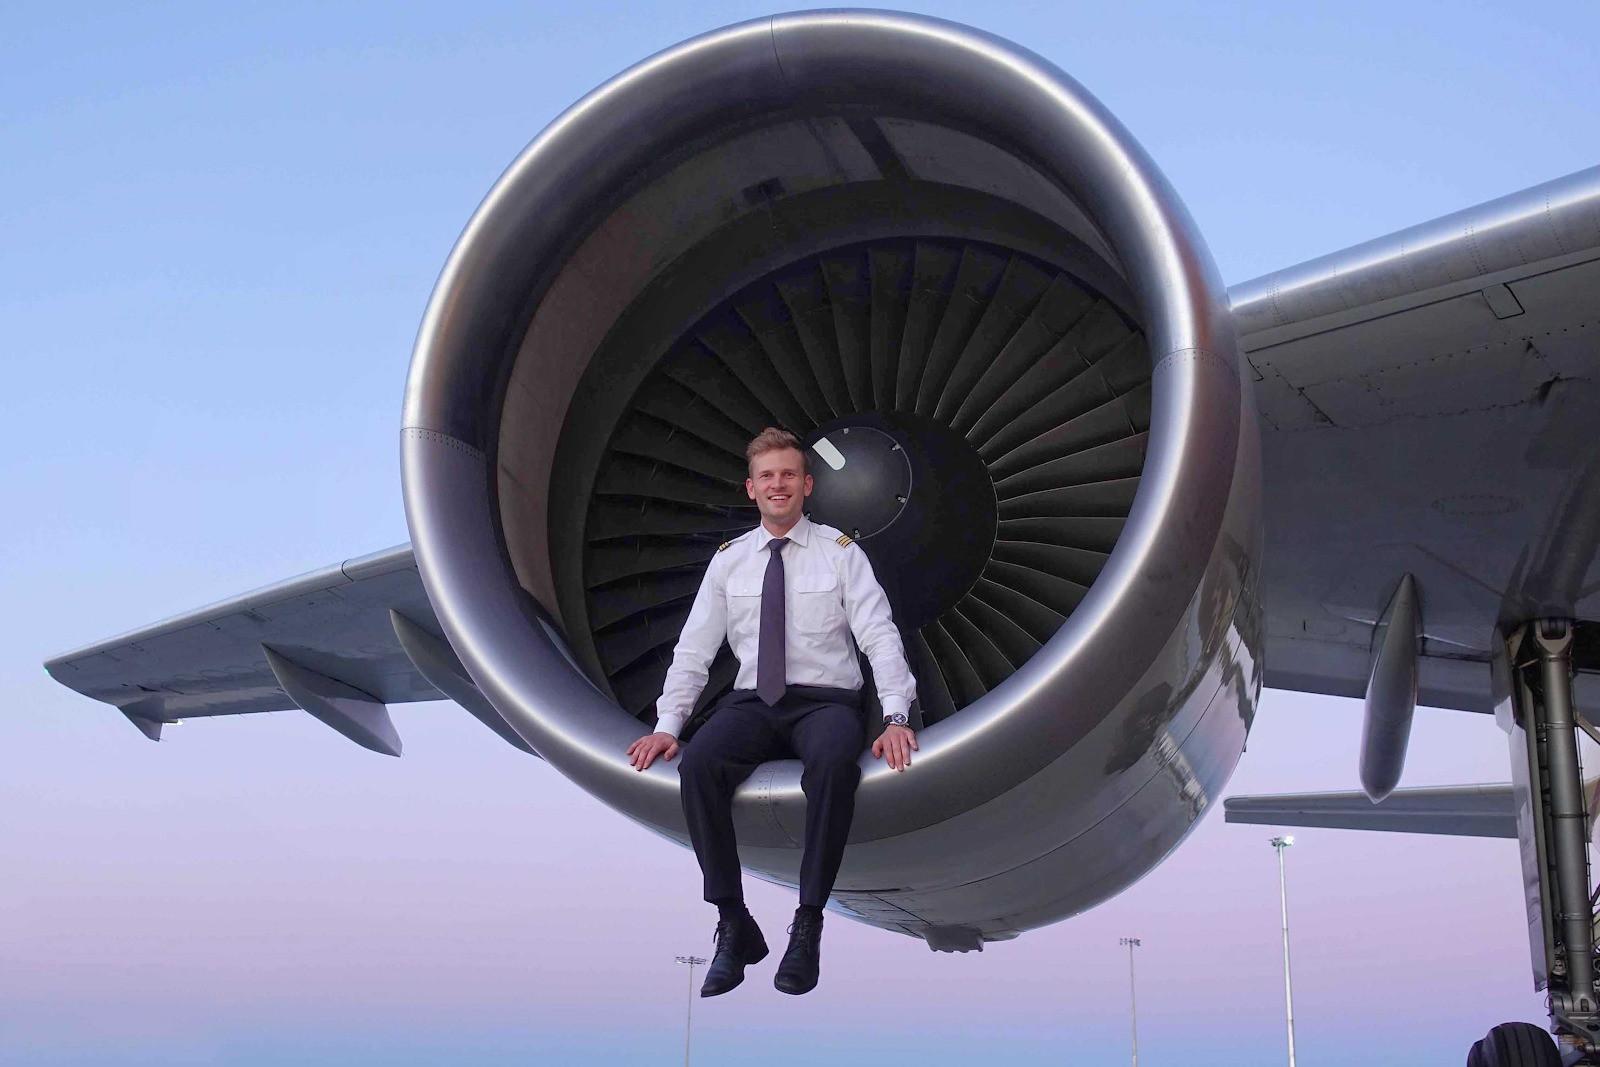 """Liệu bạn có tò mò về nghề phi công - nghề nghiệp được cho là """"hào nhoáng"""" và """"sung sướng"""" bậc nhất? - Ảnh 1."""